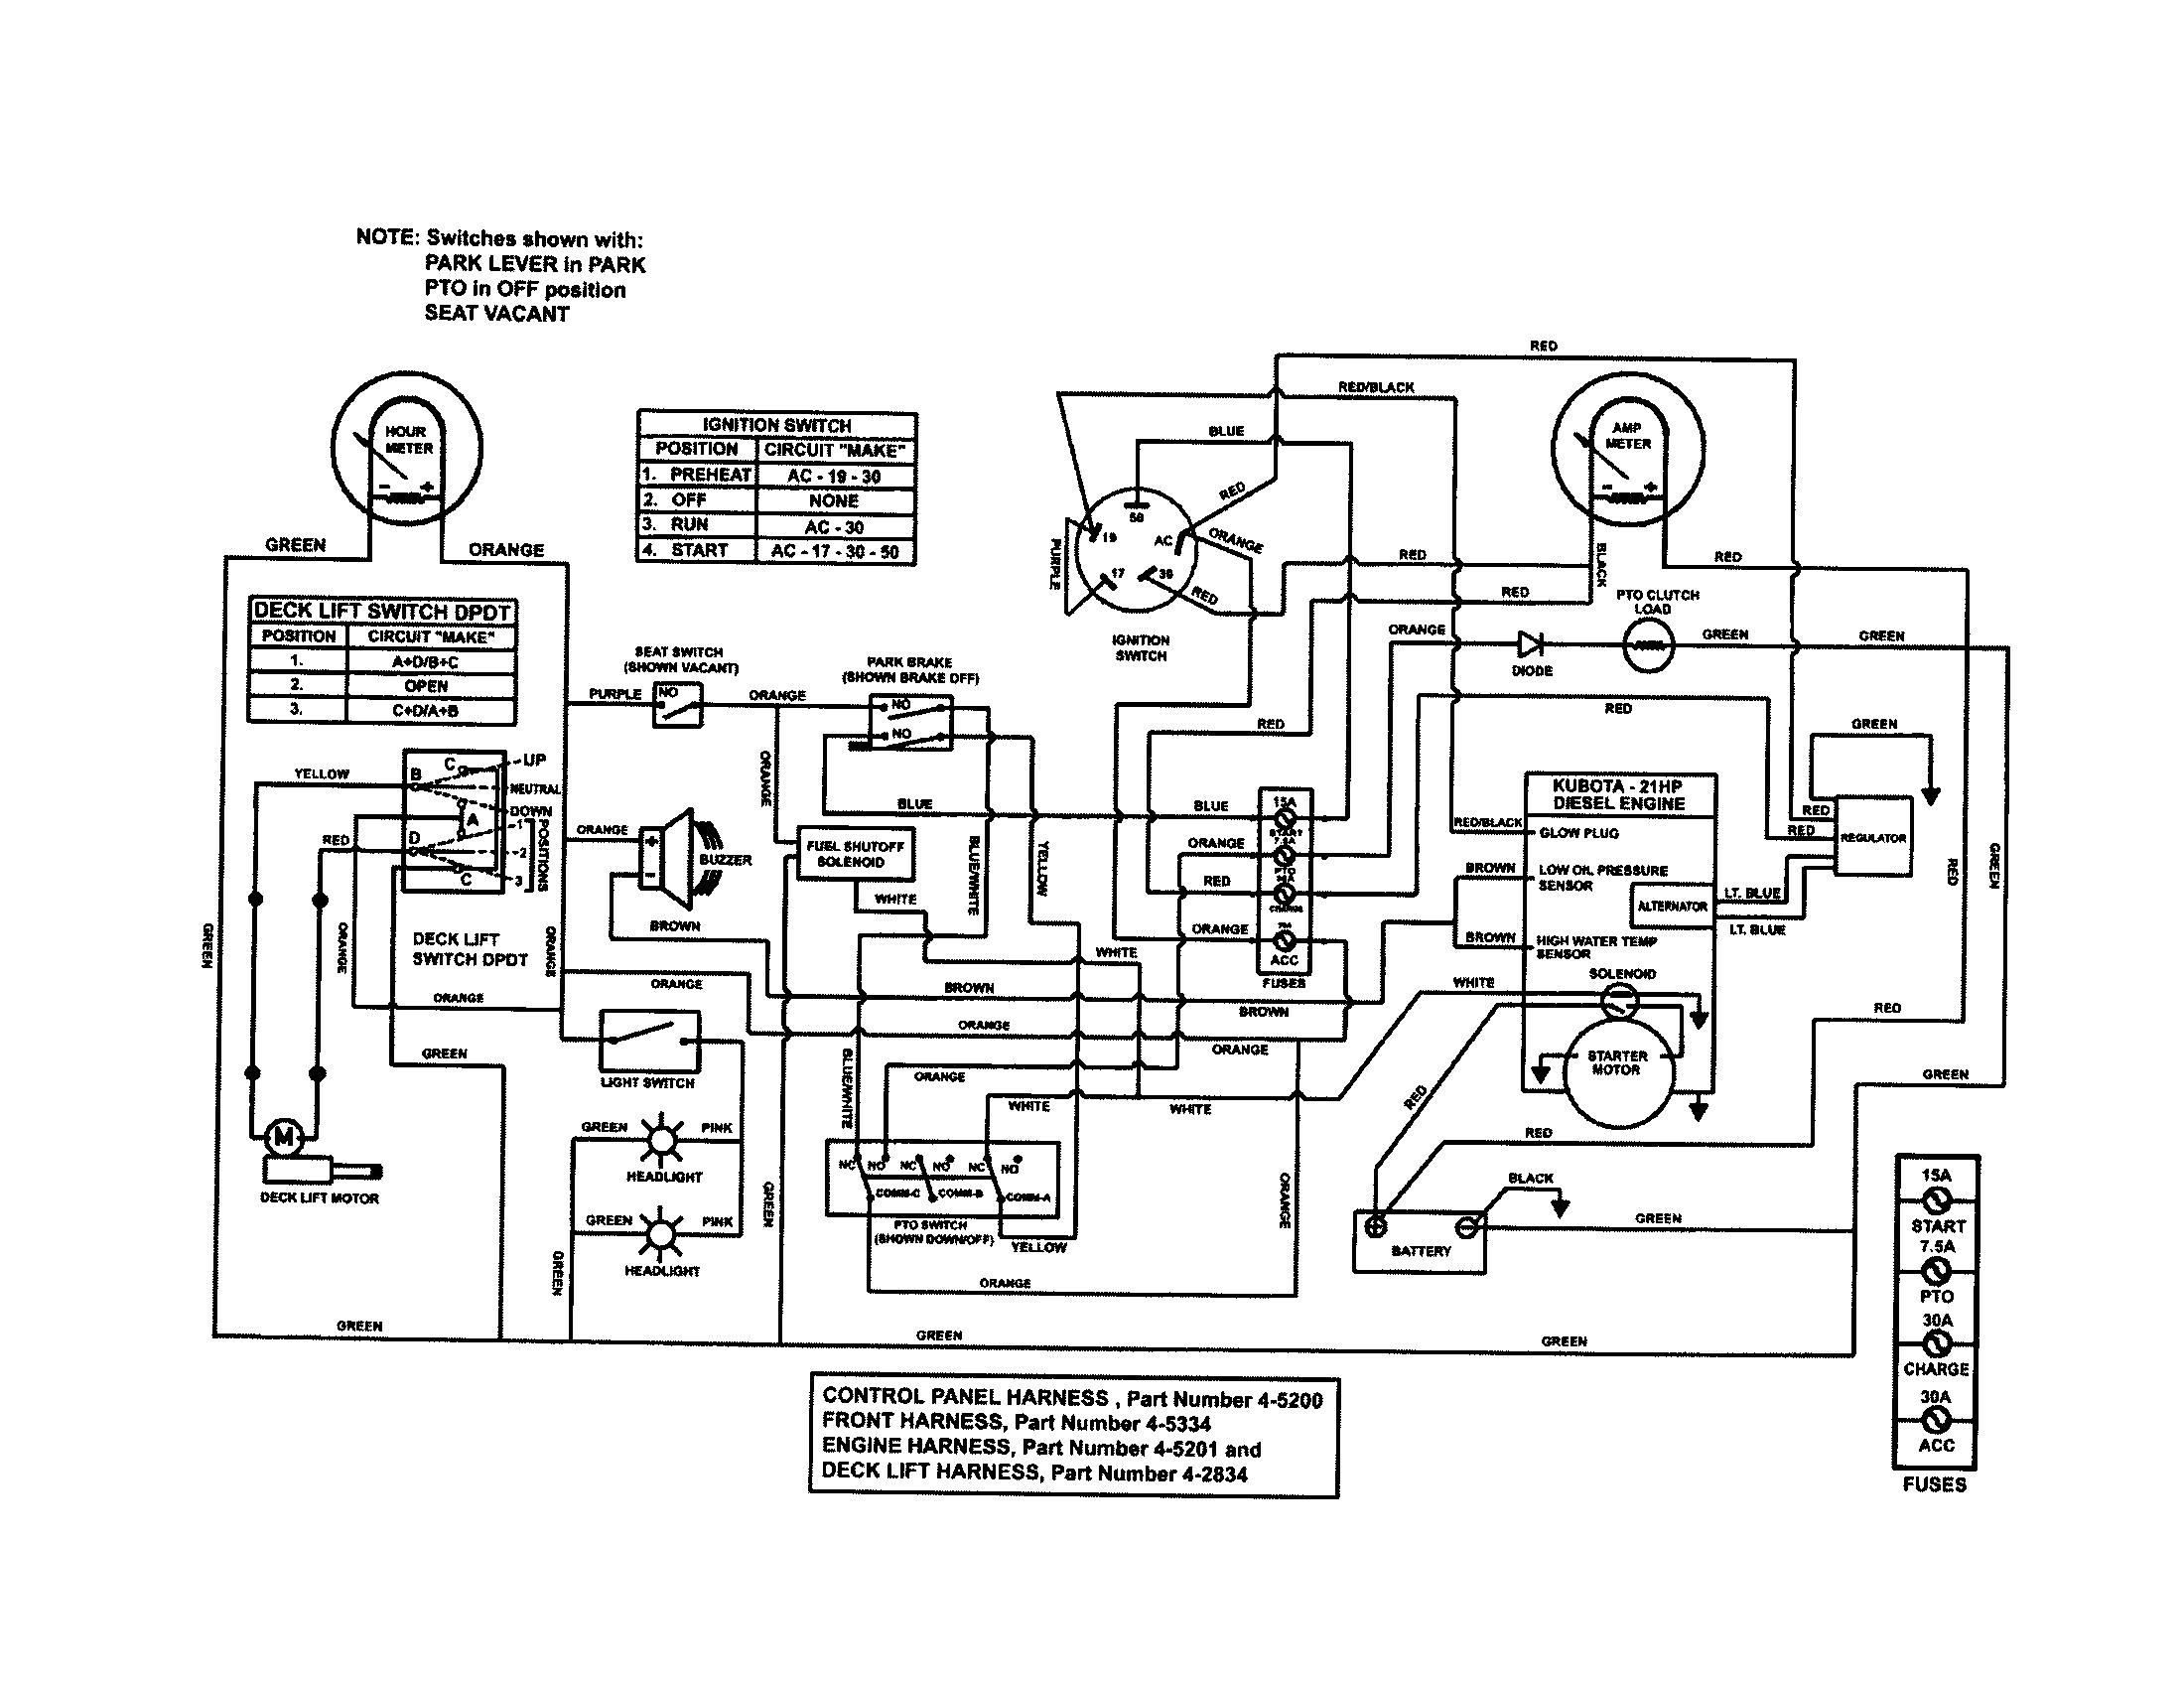 [SCHEMATICS_4UK]  Kubota Rtv 500 Wiring Schematic - Rancher 350 4x4 Atv Wiring Diagram for Wiring  Diagram Schematics | Kubota Rtv 500 Wiring Schematic |  | Wiring Diagram Schematics